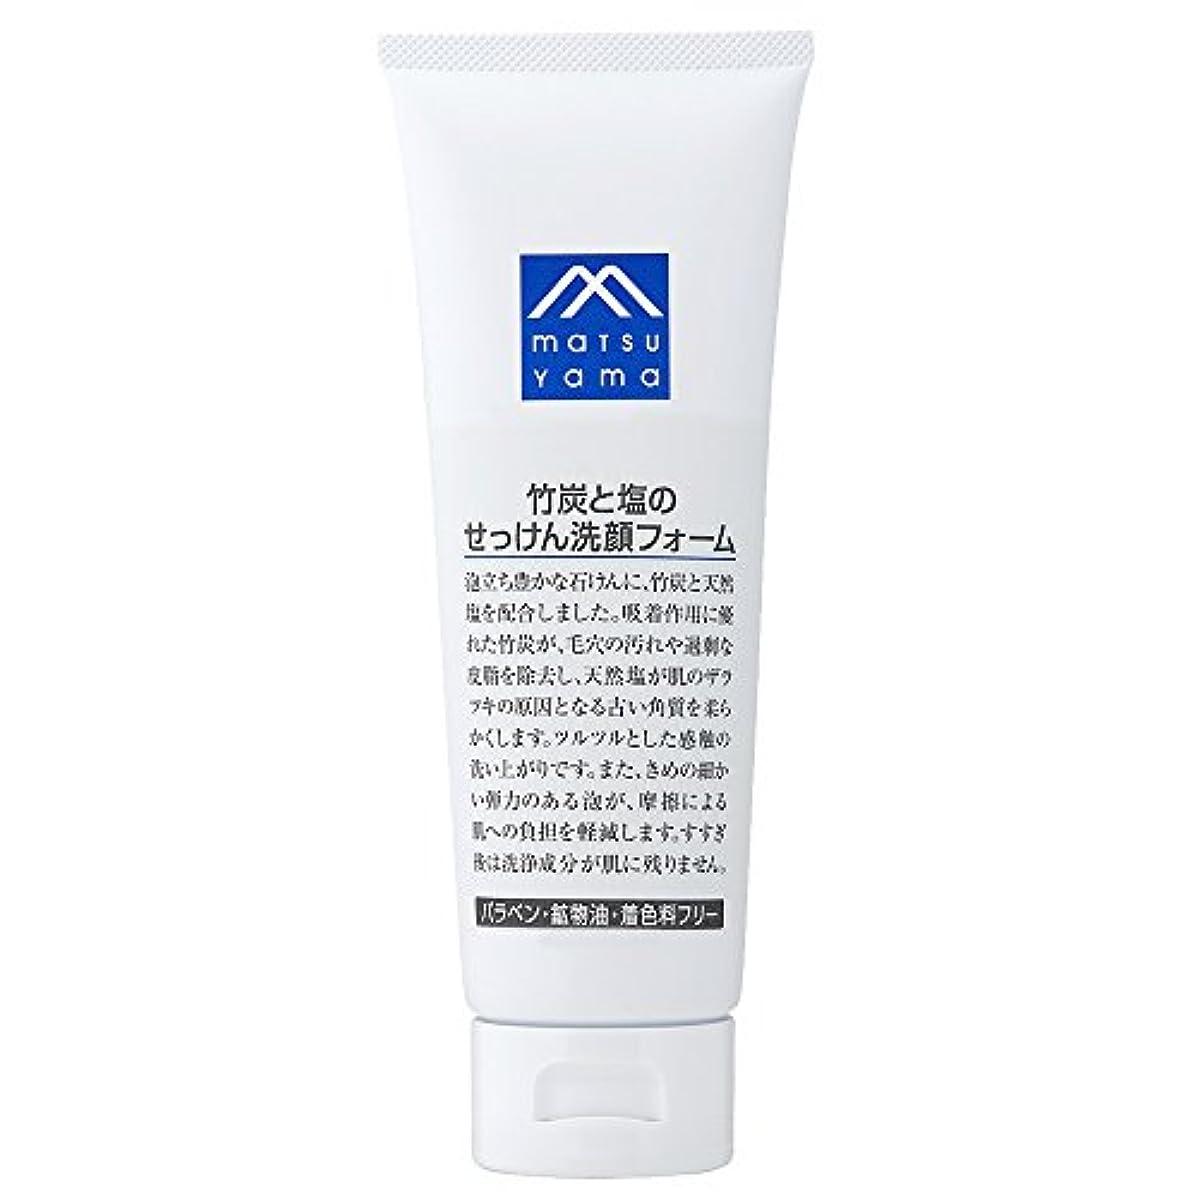 ピケ集まる理由M-mark 竹炭と塩のせっけん洗顔フォーム